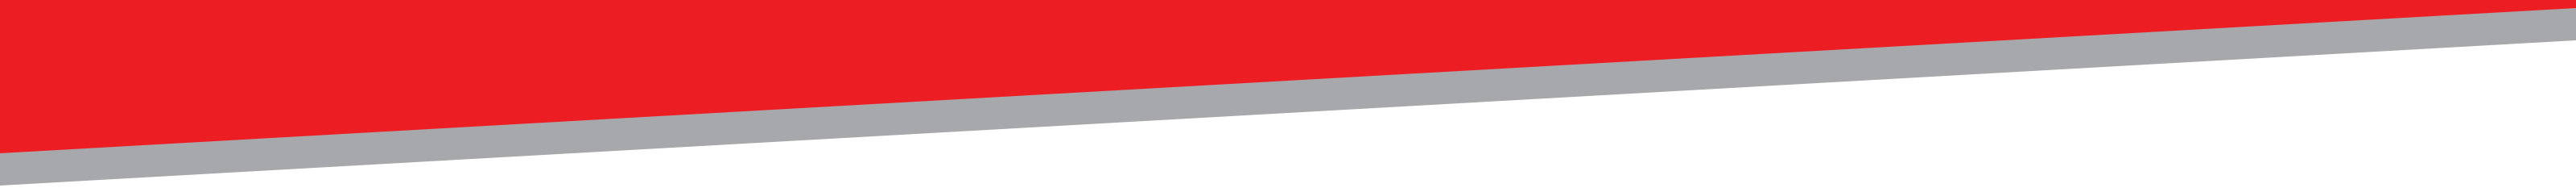 ARAS red banner bg (bottom)